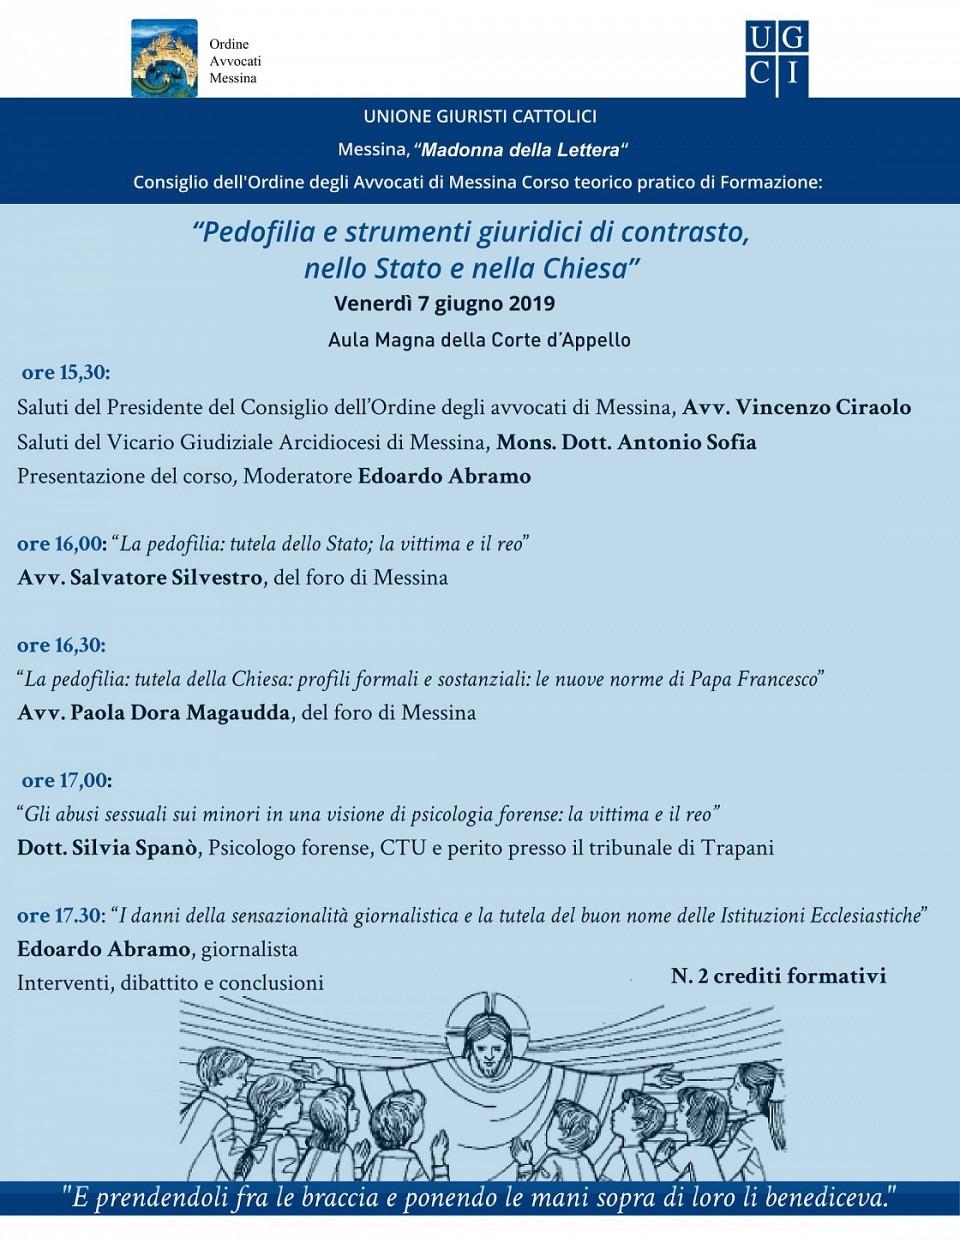 Unione Giuristi Cattolici - Corso teorico pratico di formazione